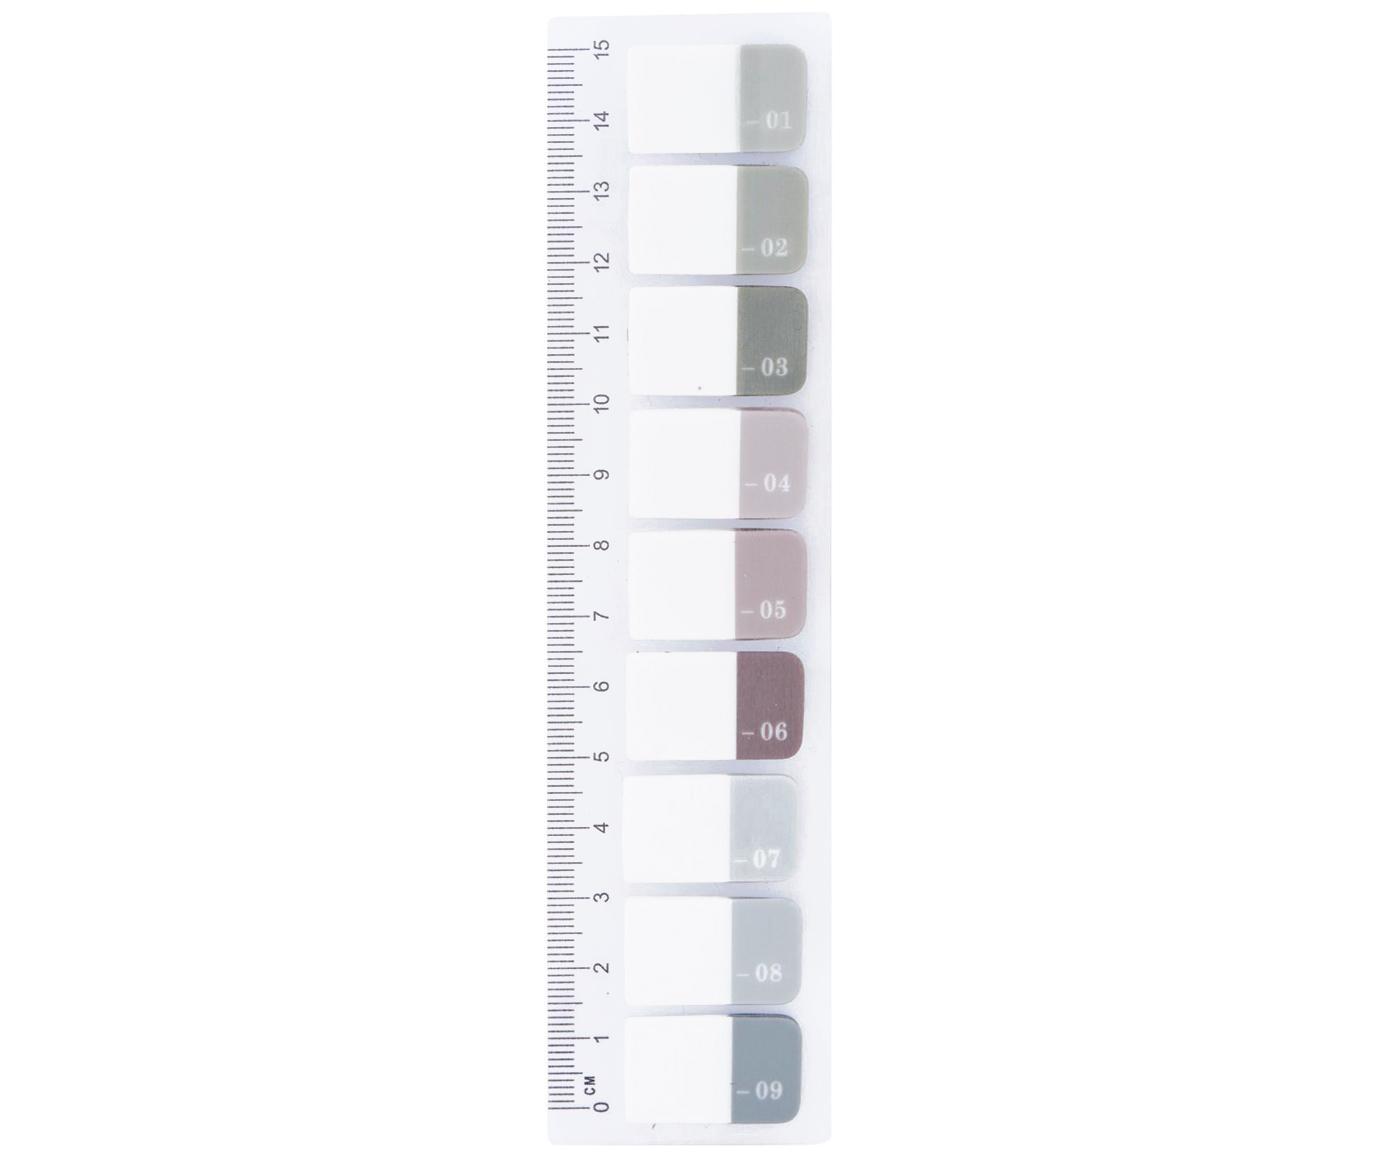 Righello Index, Materiale sintetico, Multicolore, Larg. 4 x Lung. 15 cm